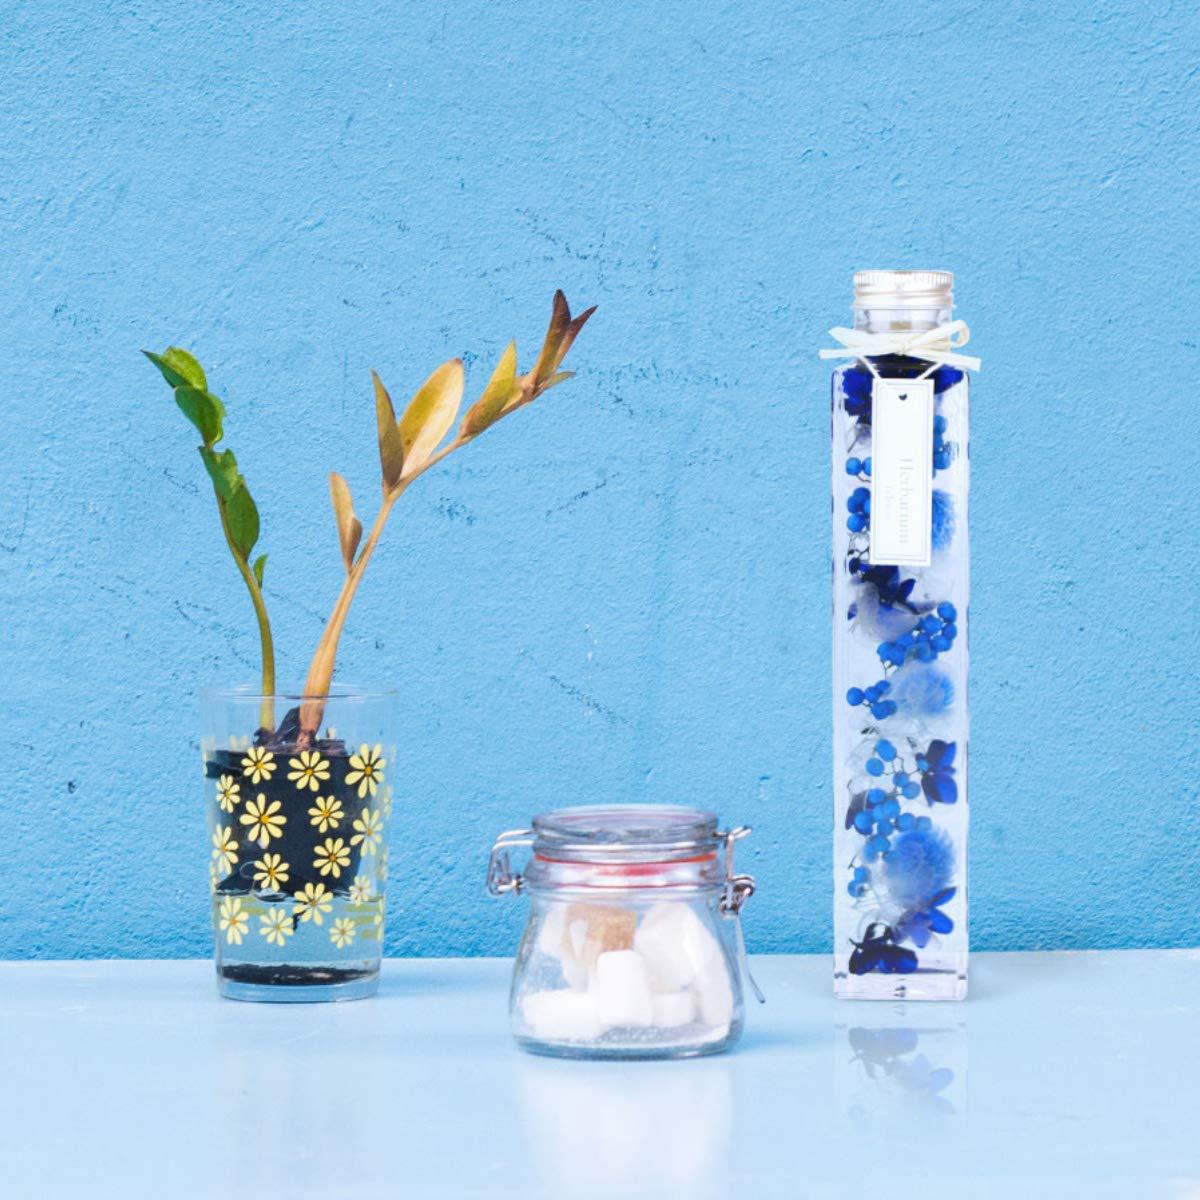 ハーバリウム 角瓶 (1本) ブルー 青 母の日 2020 花 ギフト / 送料無料 日付指定 プレゼント 贈り物 誕生日 結婚 記念日 フェリナス